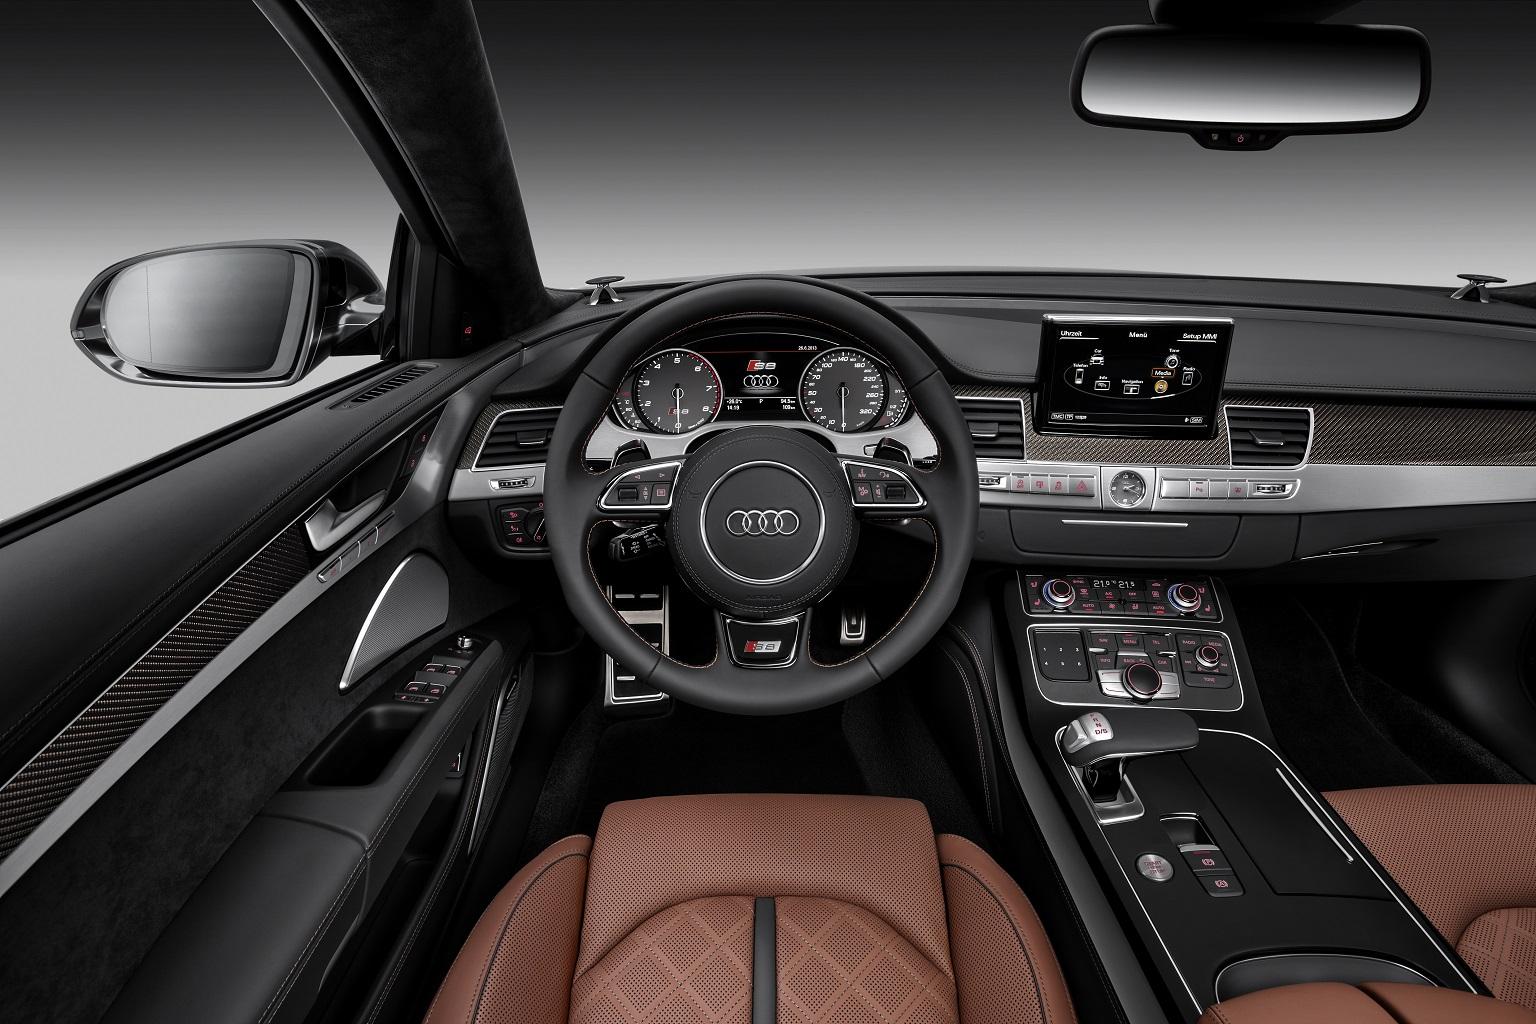 2014 Audi S8 Interior